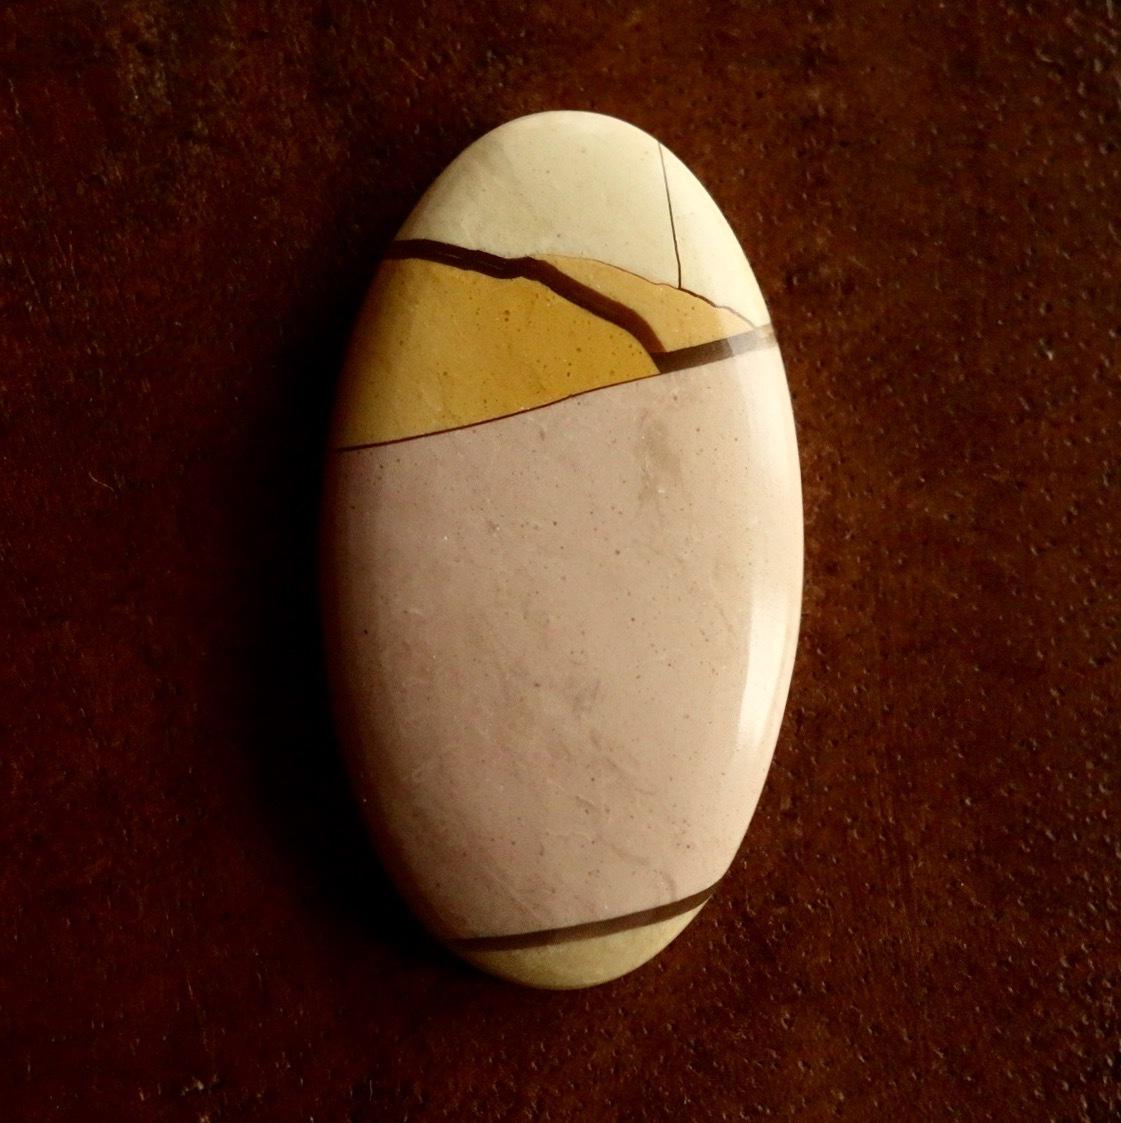 ブレシエイテッドムーアカイト 天然石ルース